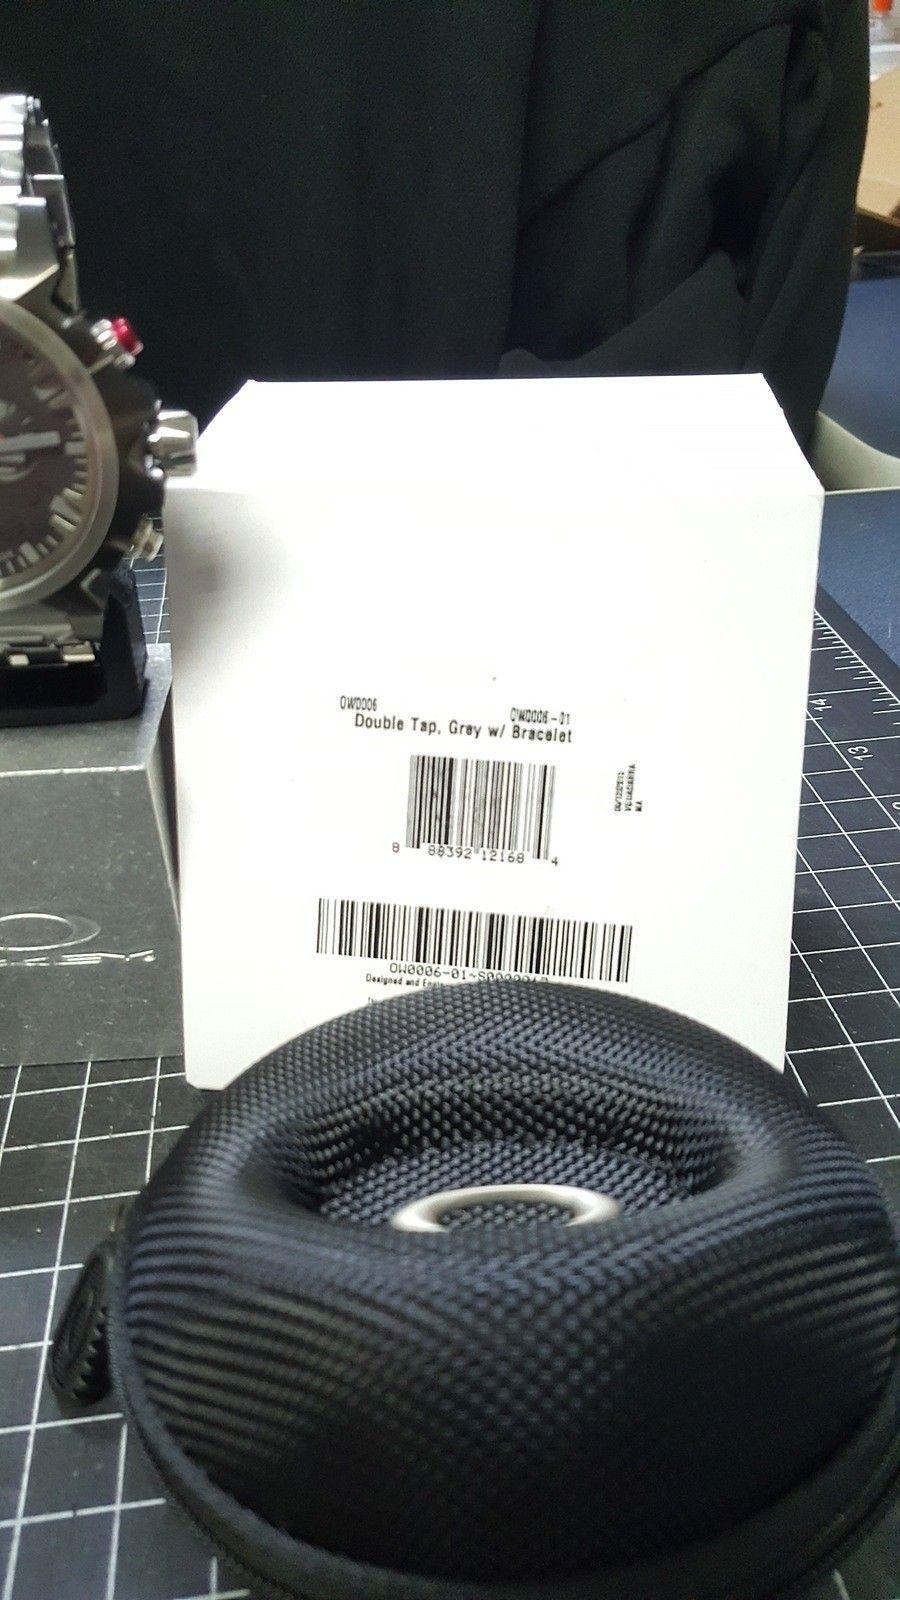 Double Tap - 800.00 Watch - Total Cost - Nib. w/metal bracelet w/case CONUS - 20160111_094920.jpg